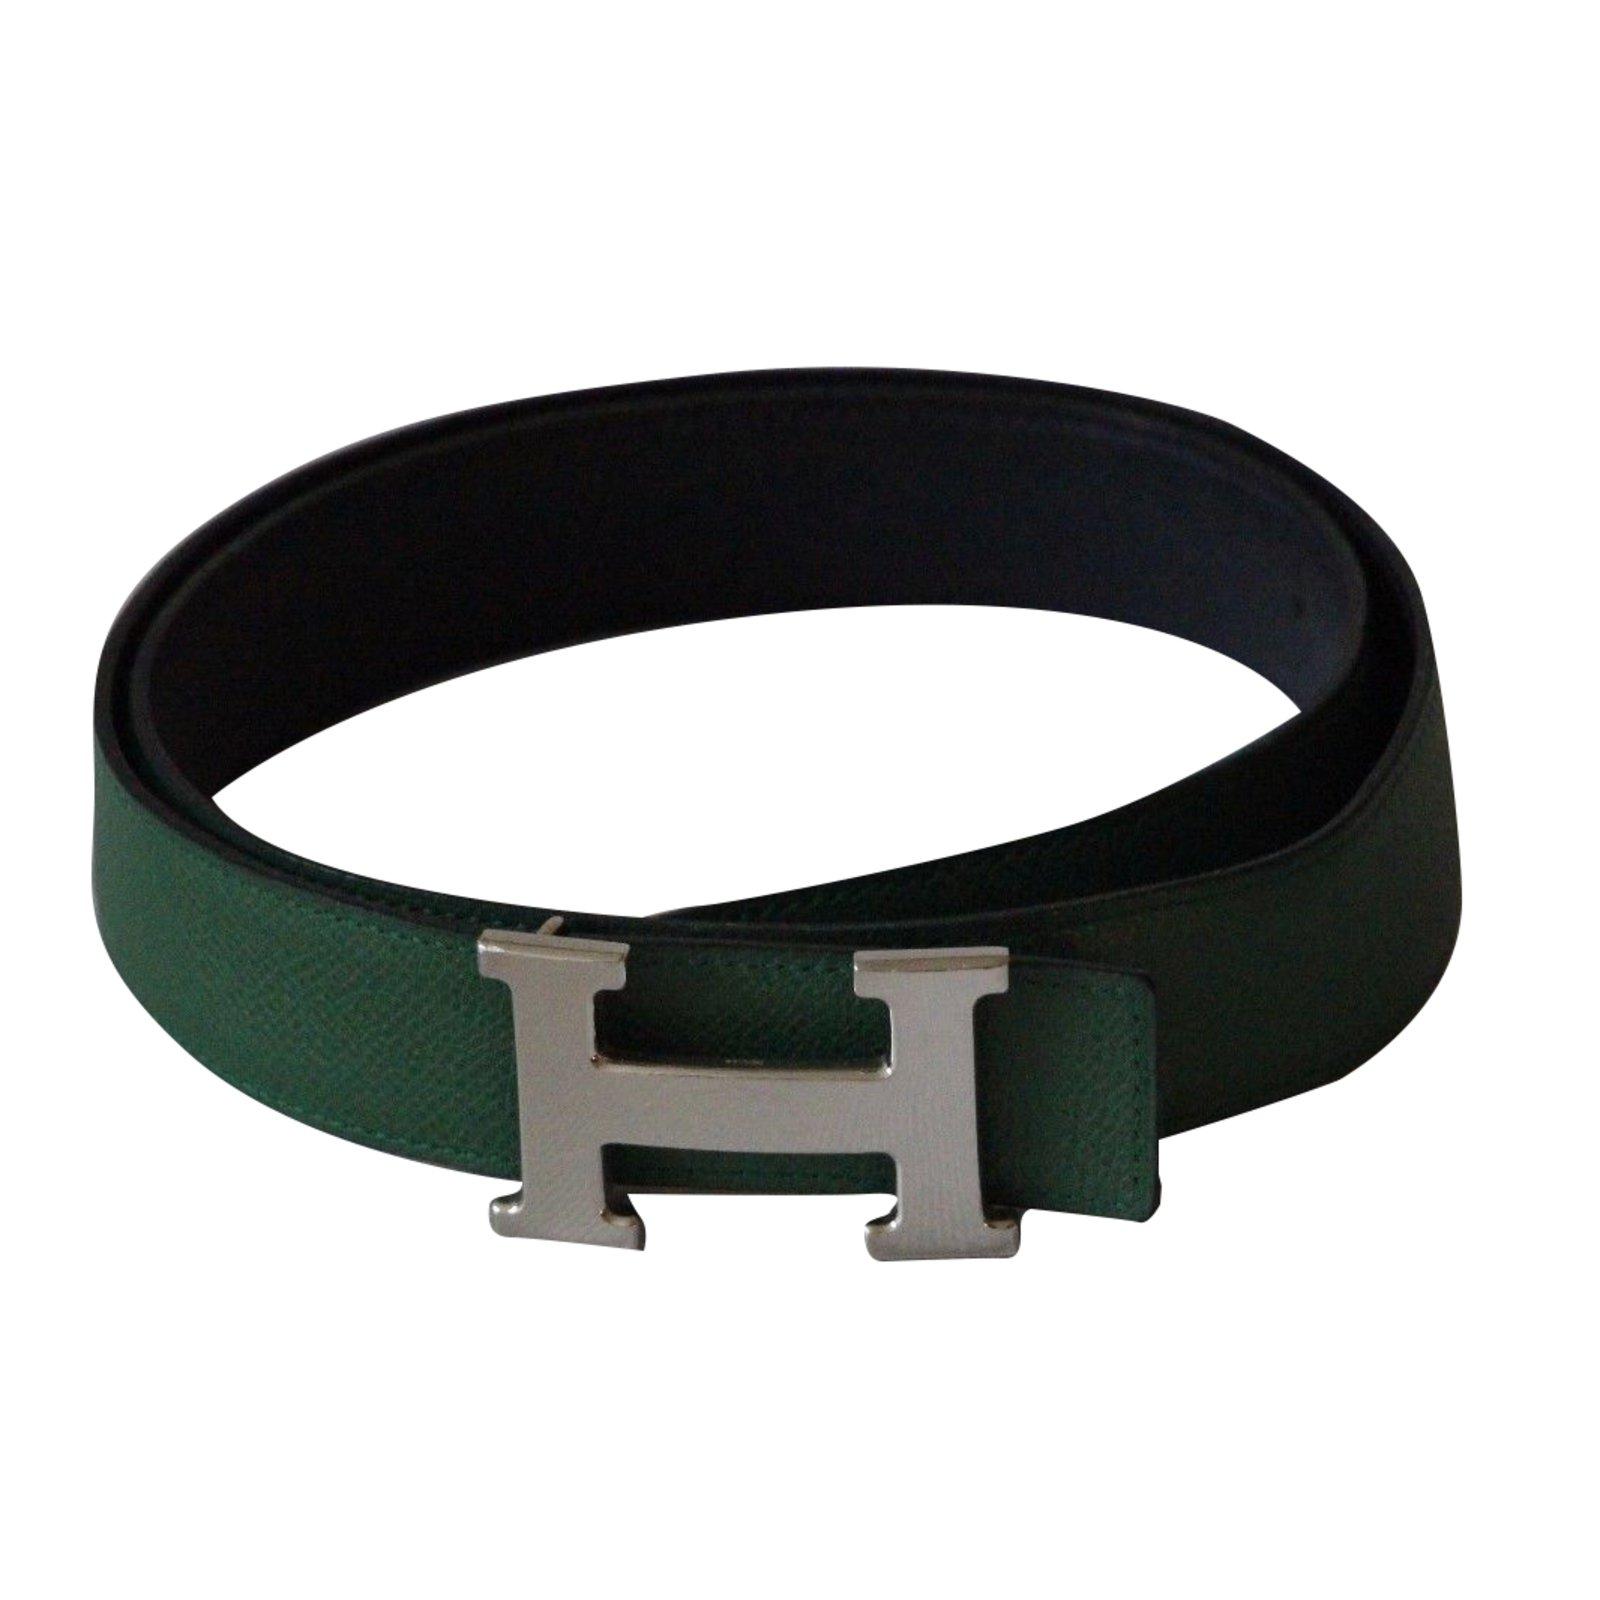 762610e580a6 Ceintures Hermès Superbe ceinture boucle H métal argent palladié signé  Hermès Cuir Vert ref.45451